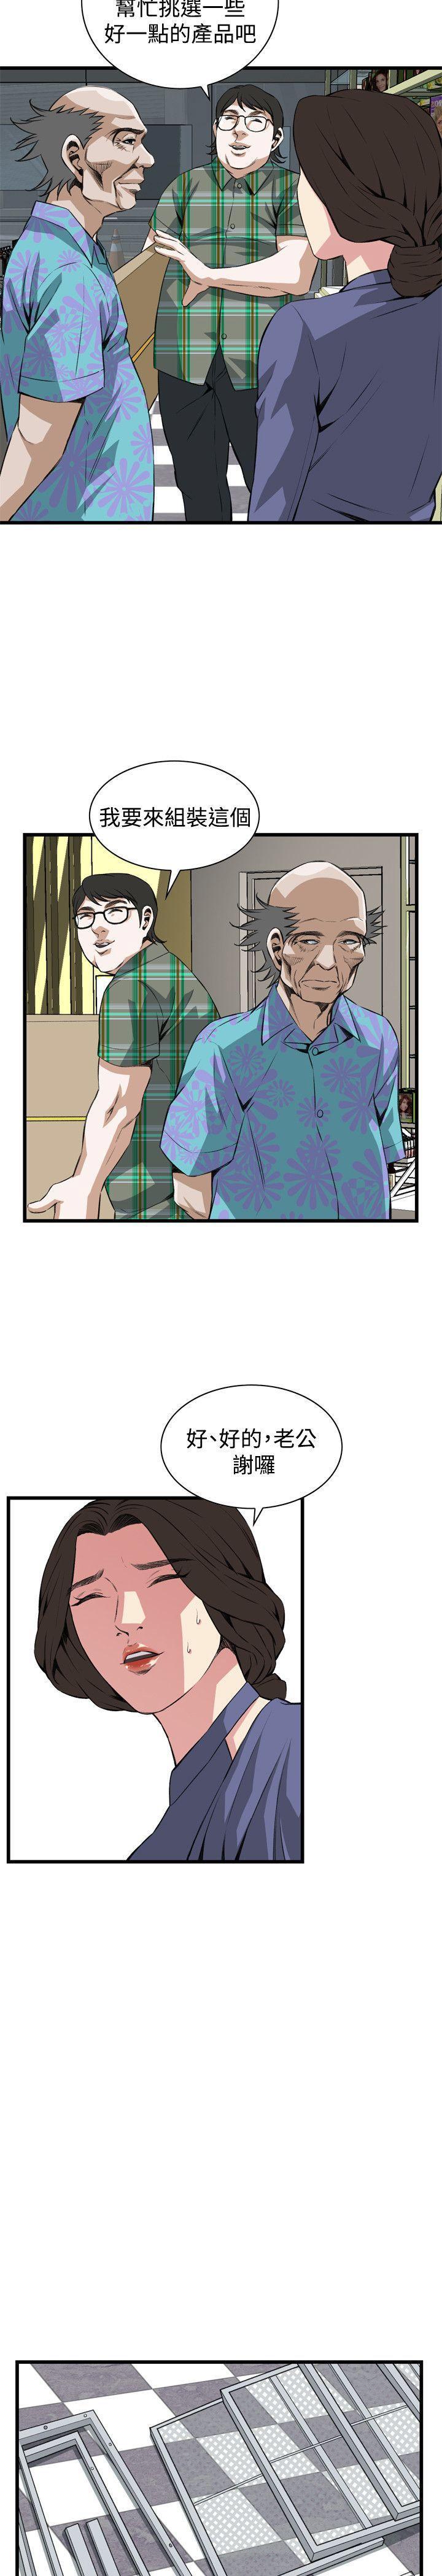 偷窥72-93 Chinese Rsiky 110